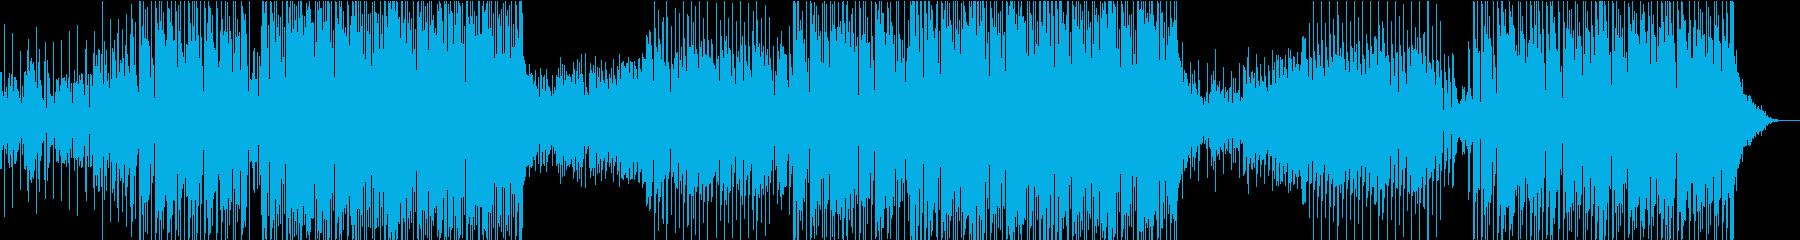 ディスコでリラクゼーションな曲の再生済みの波形